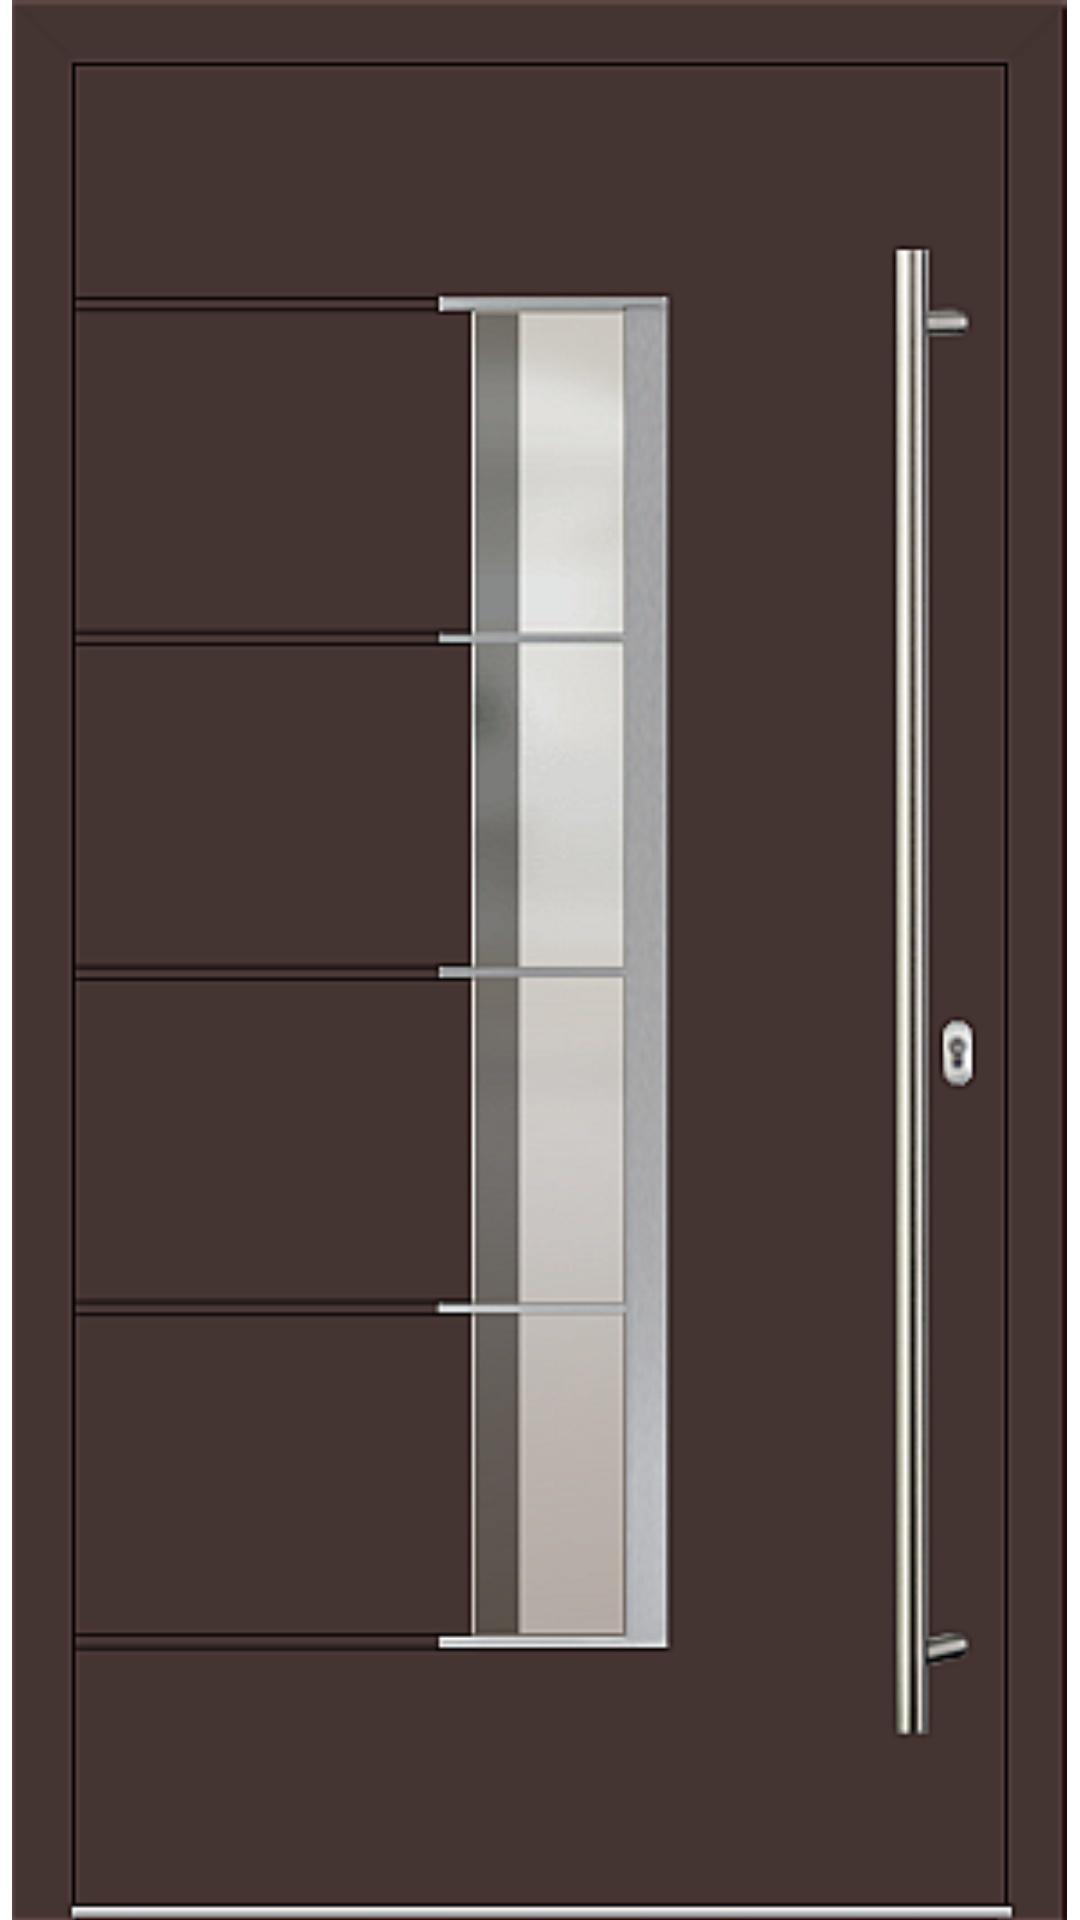 Holz-Alu Haustür Modell 66535 mahagonibraun